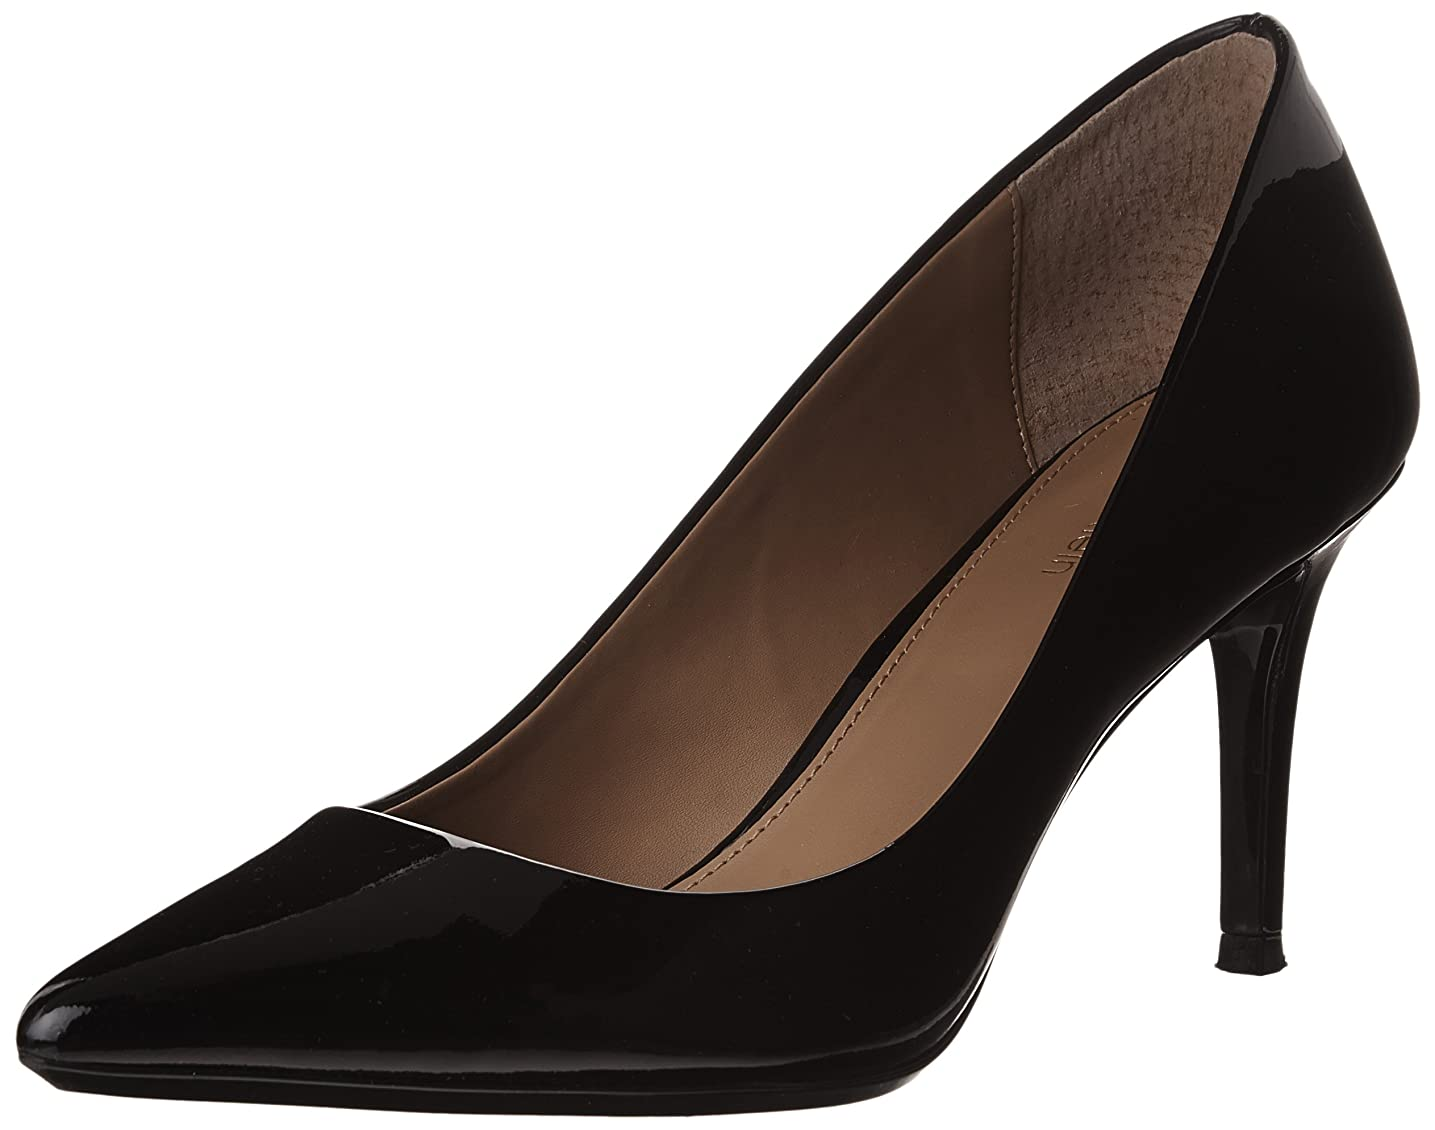 道路作るあいまいな[Calvin Klein] レディース GAYLE US サイズ: 9.5 B(M) US Women